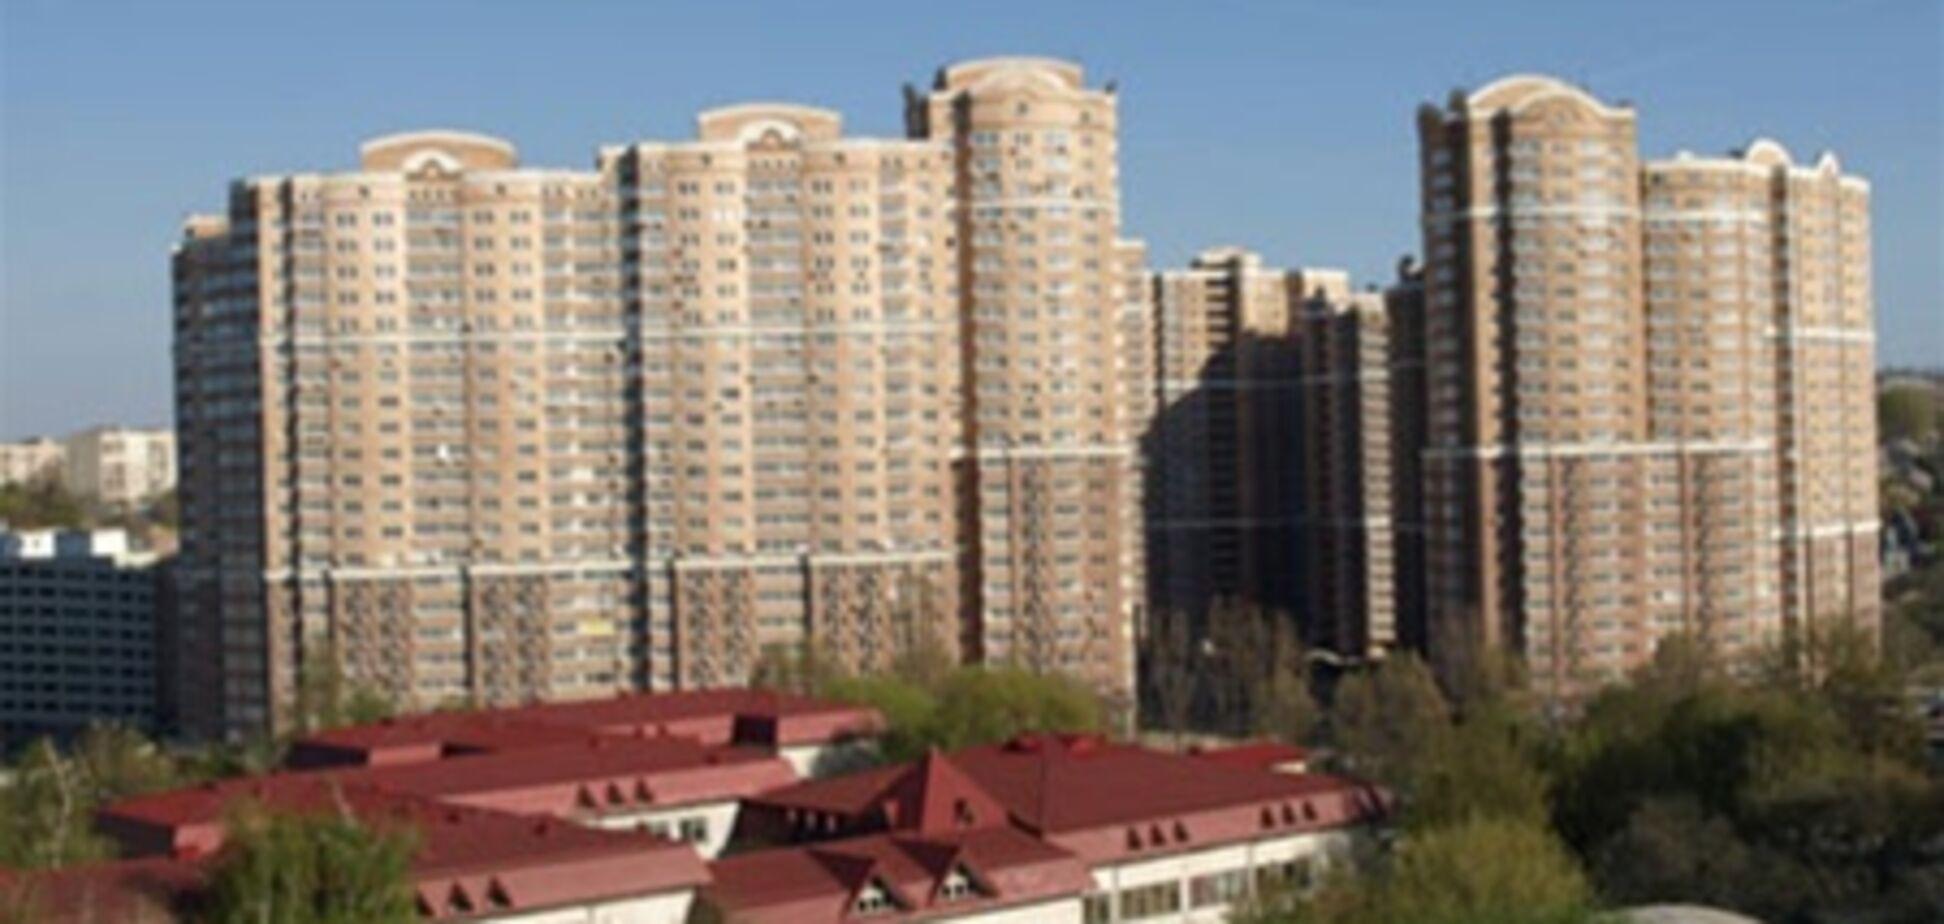 Самые дешевые и самые дорогие квартиры Киева. Список по районам